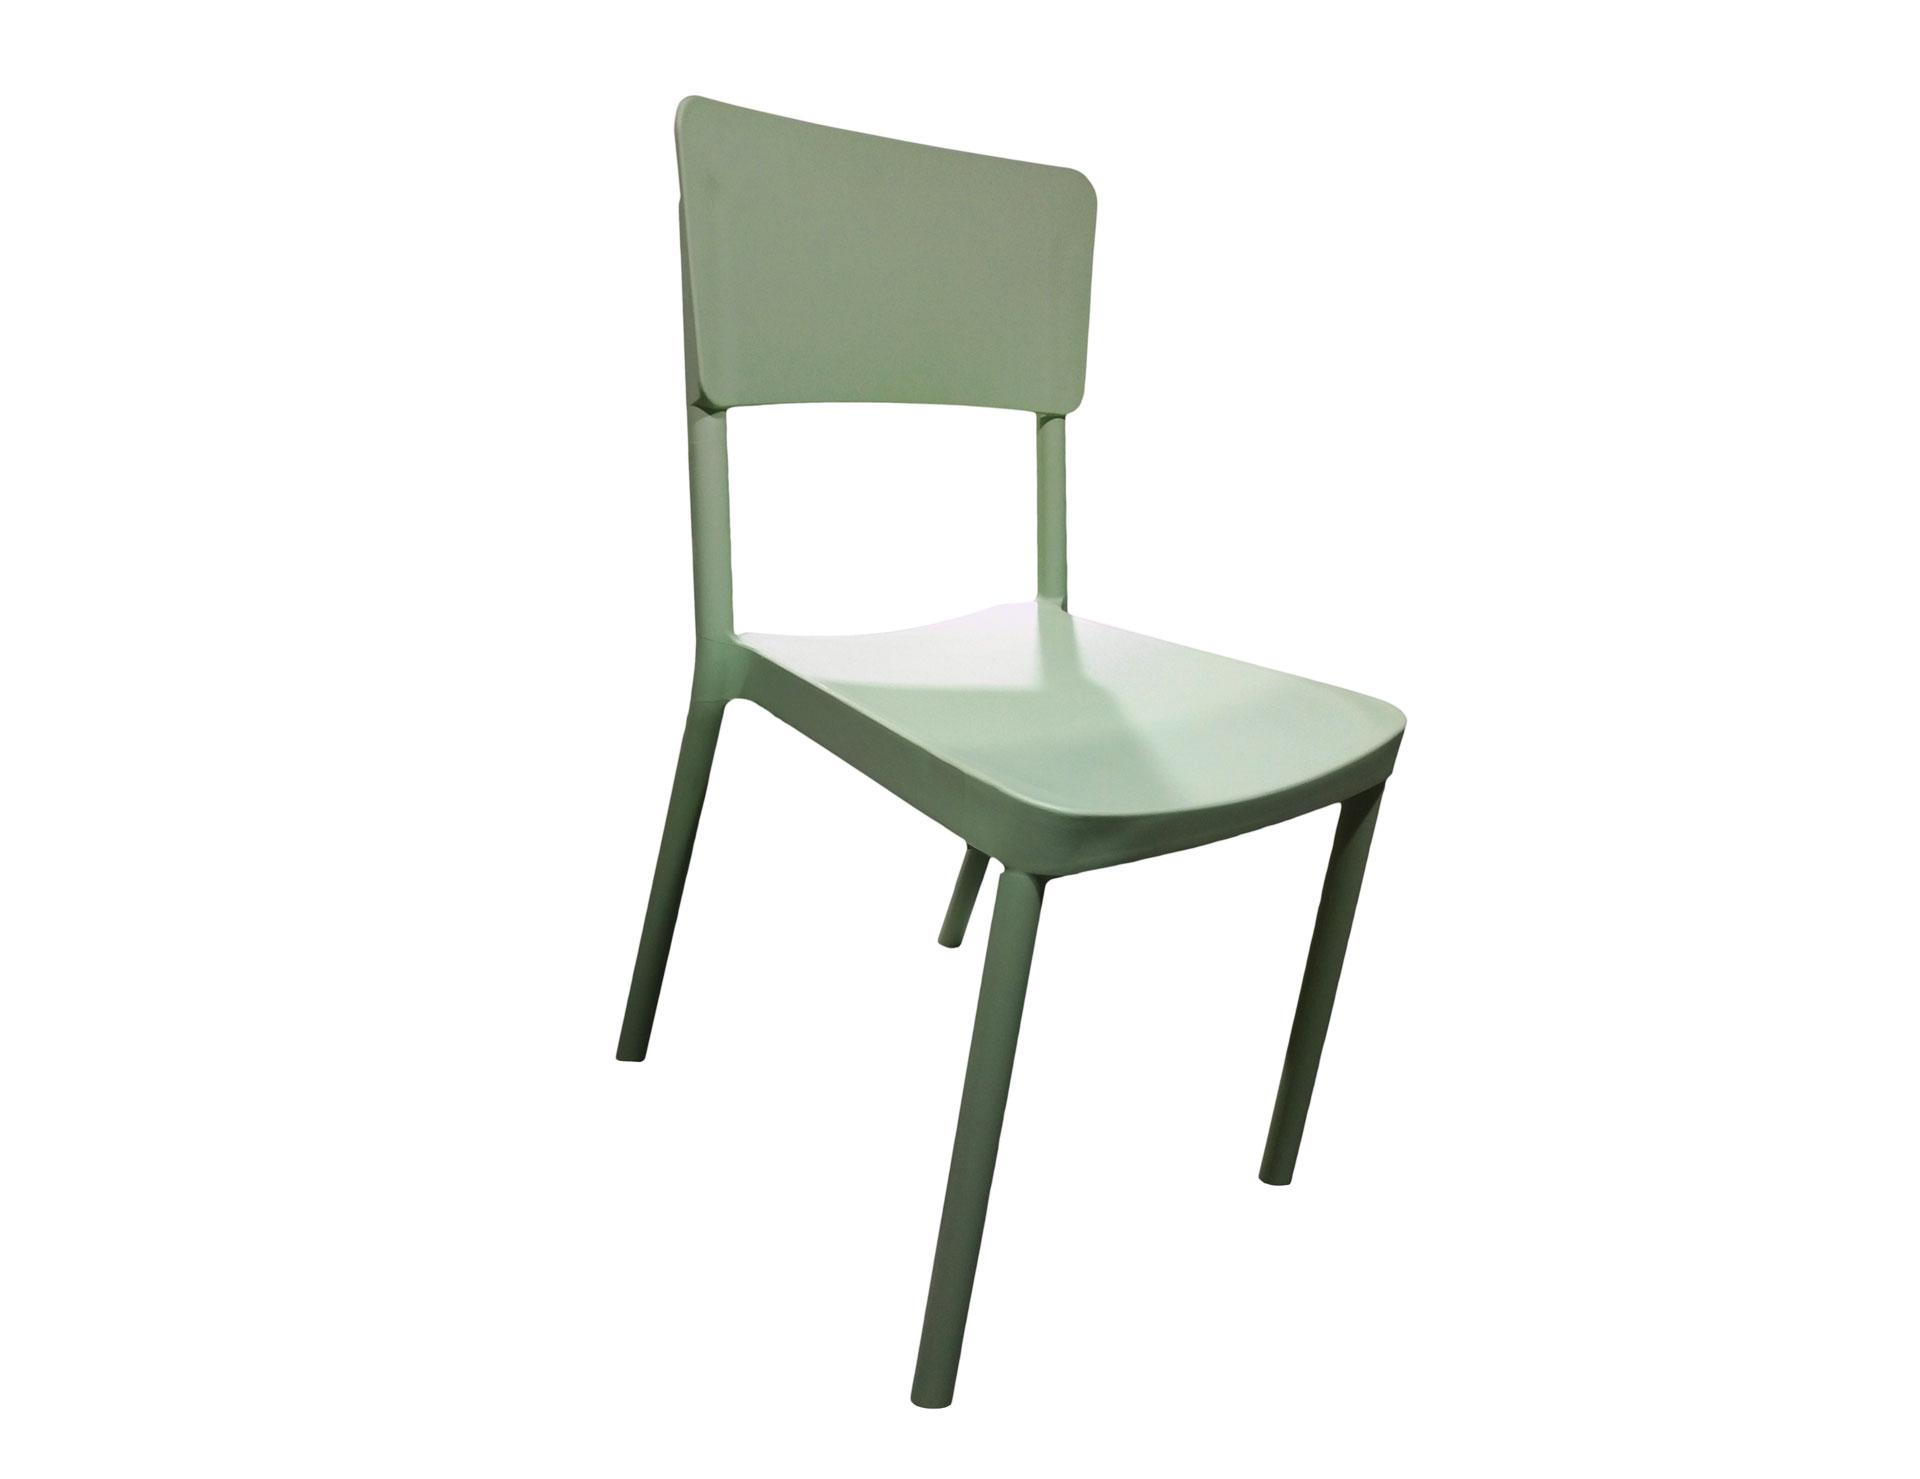 Sedia in Polipropilene